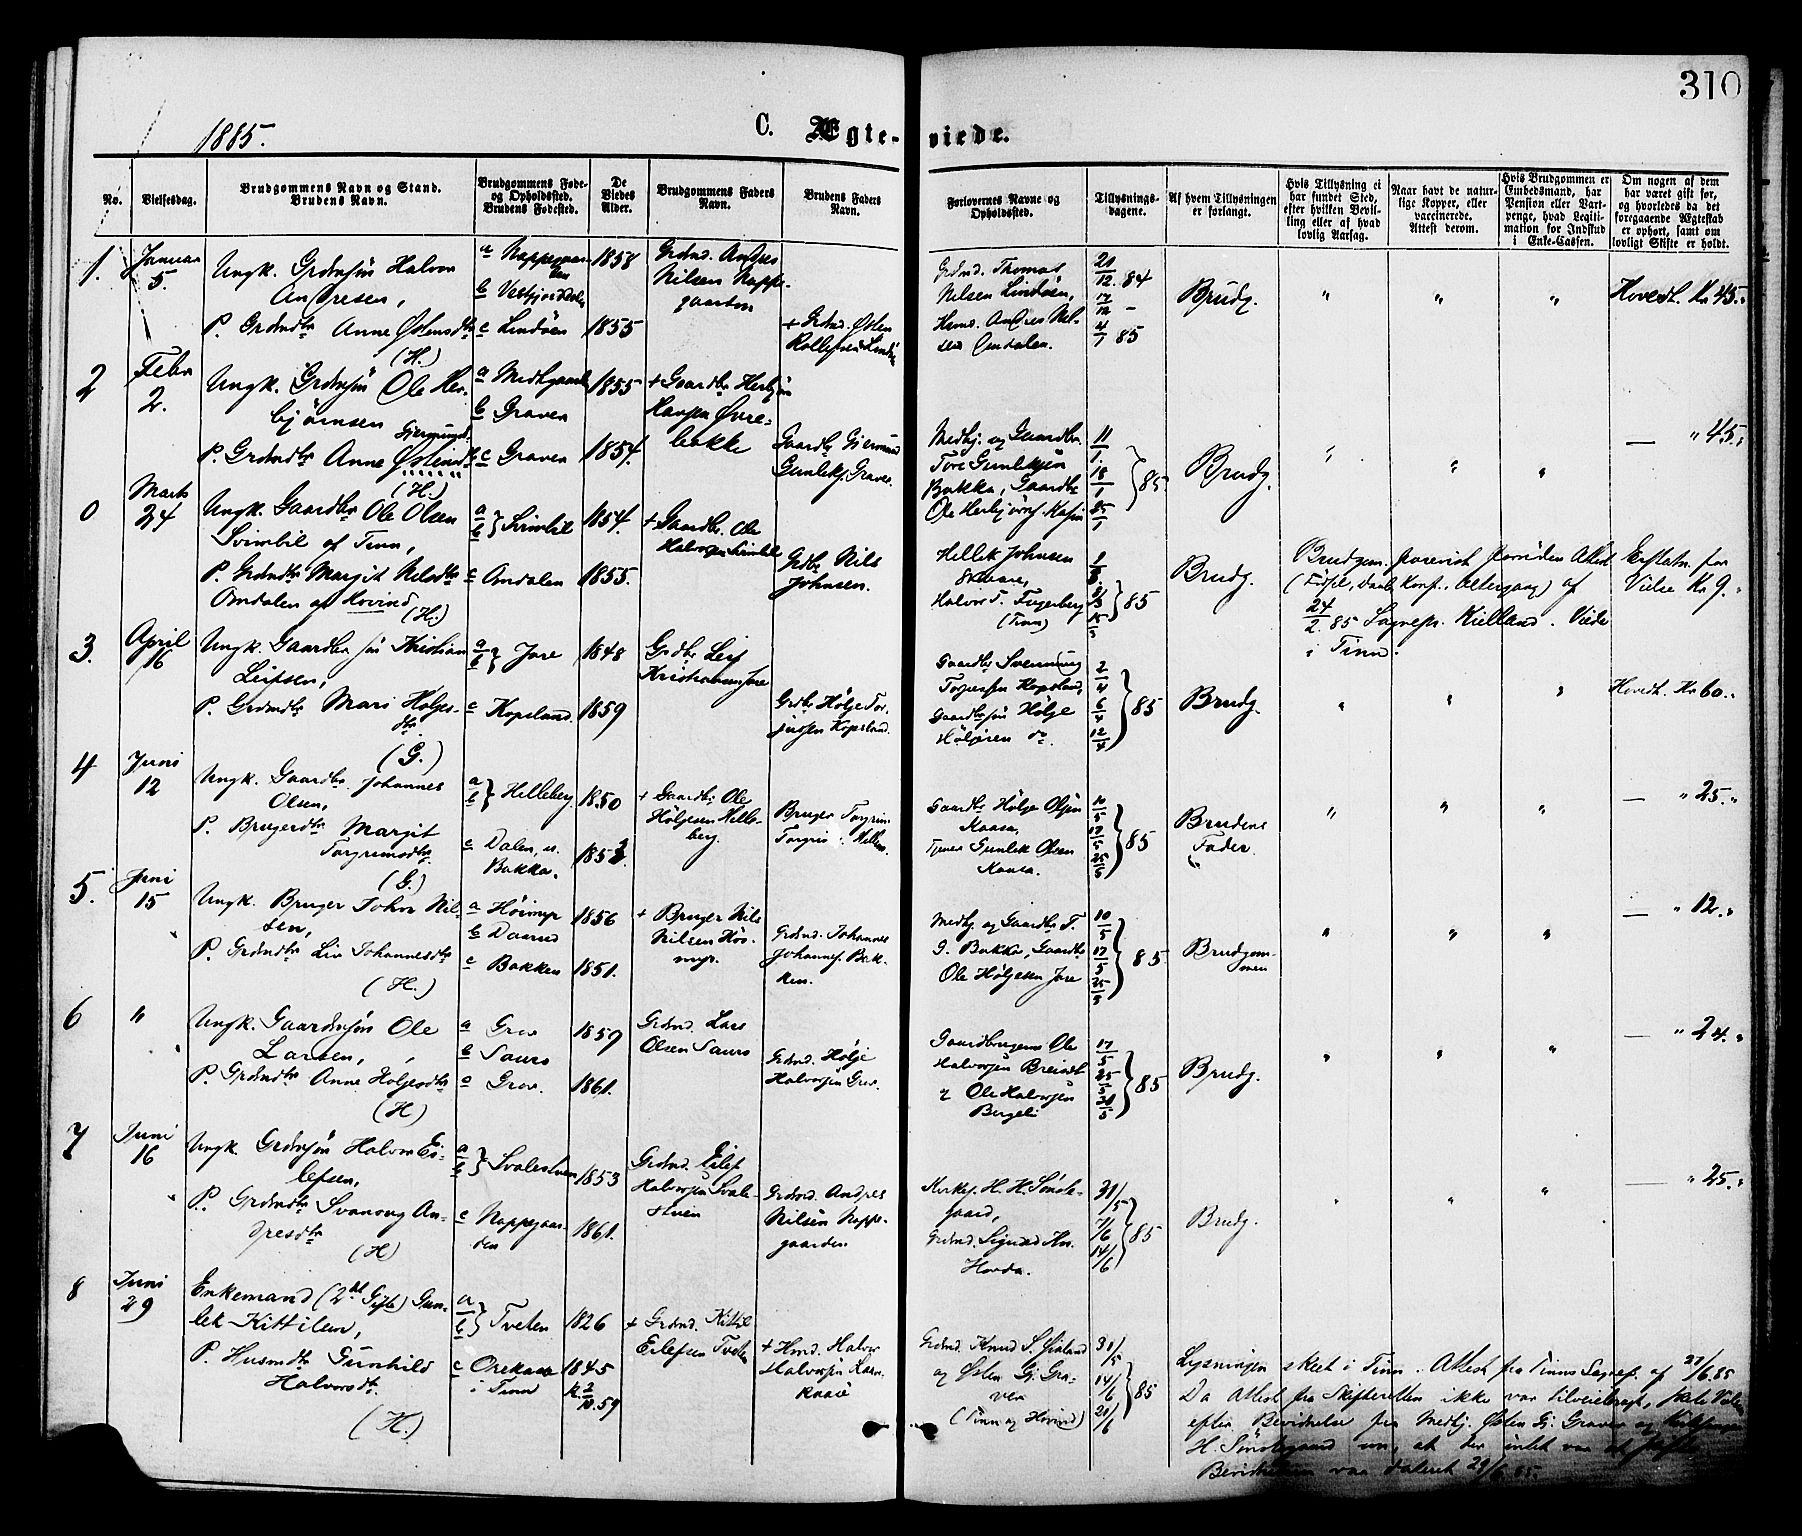 SAKO, Gransherad kirkebøker, F/Fa/L0004: Ministerialbok nr. I 4, 1871-1886, s. 310